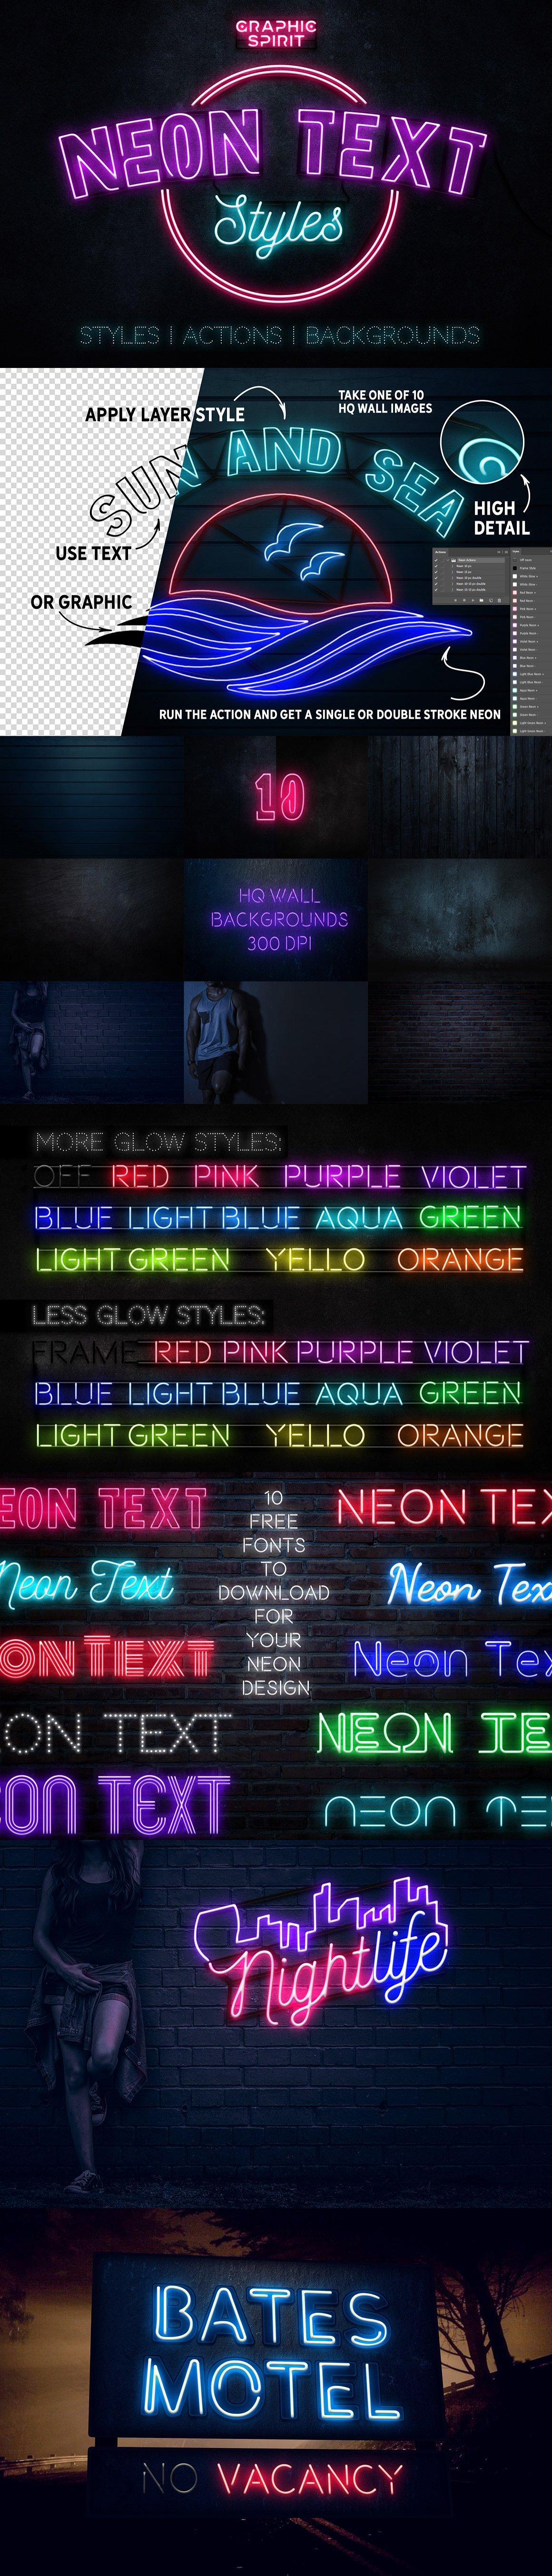 霓虹文字图层样式动作